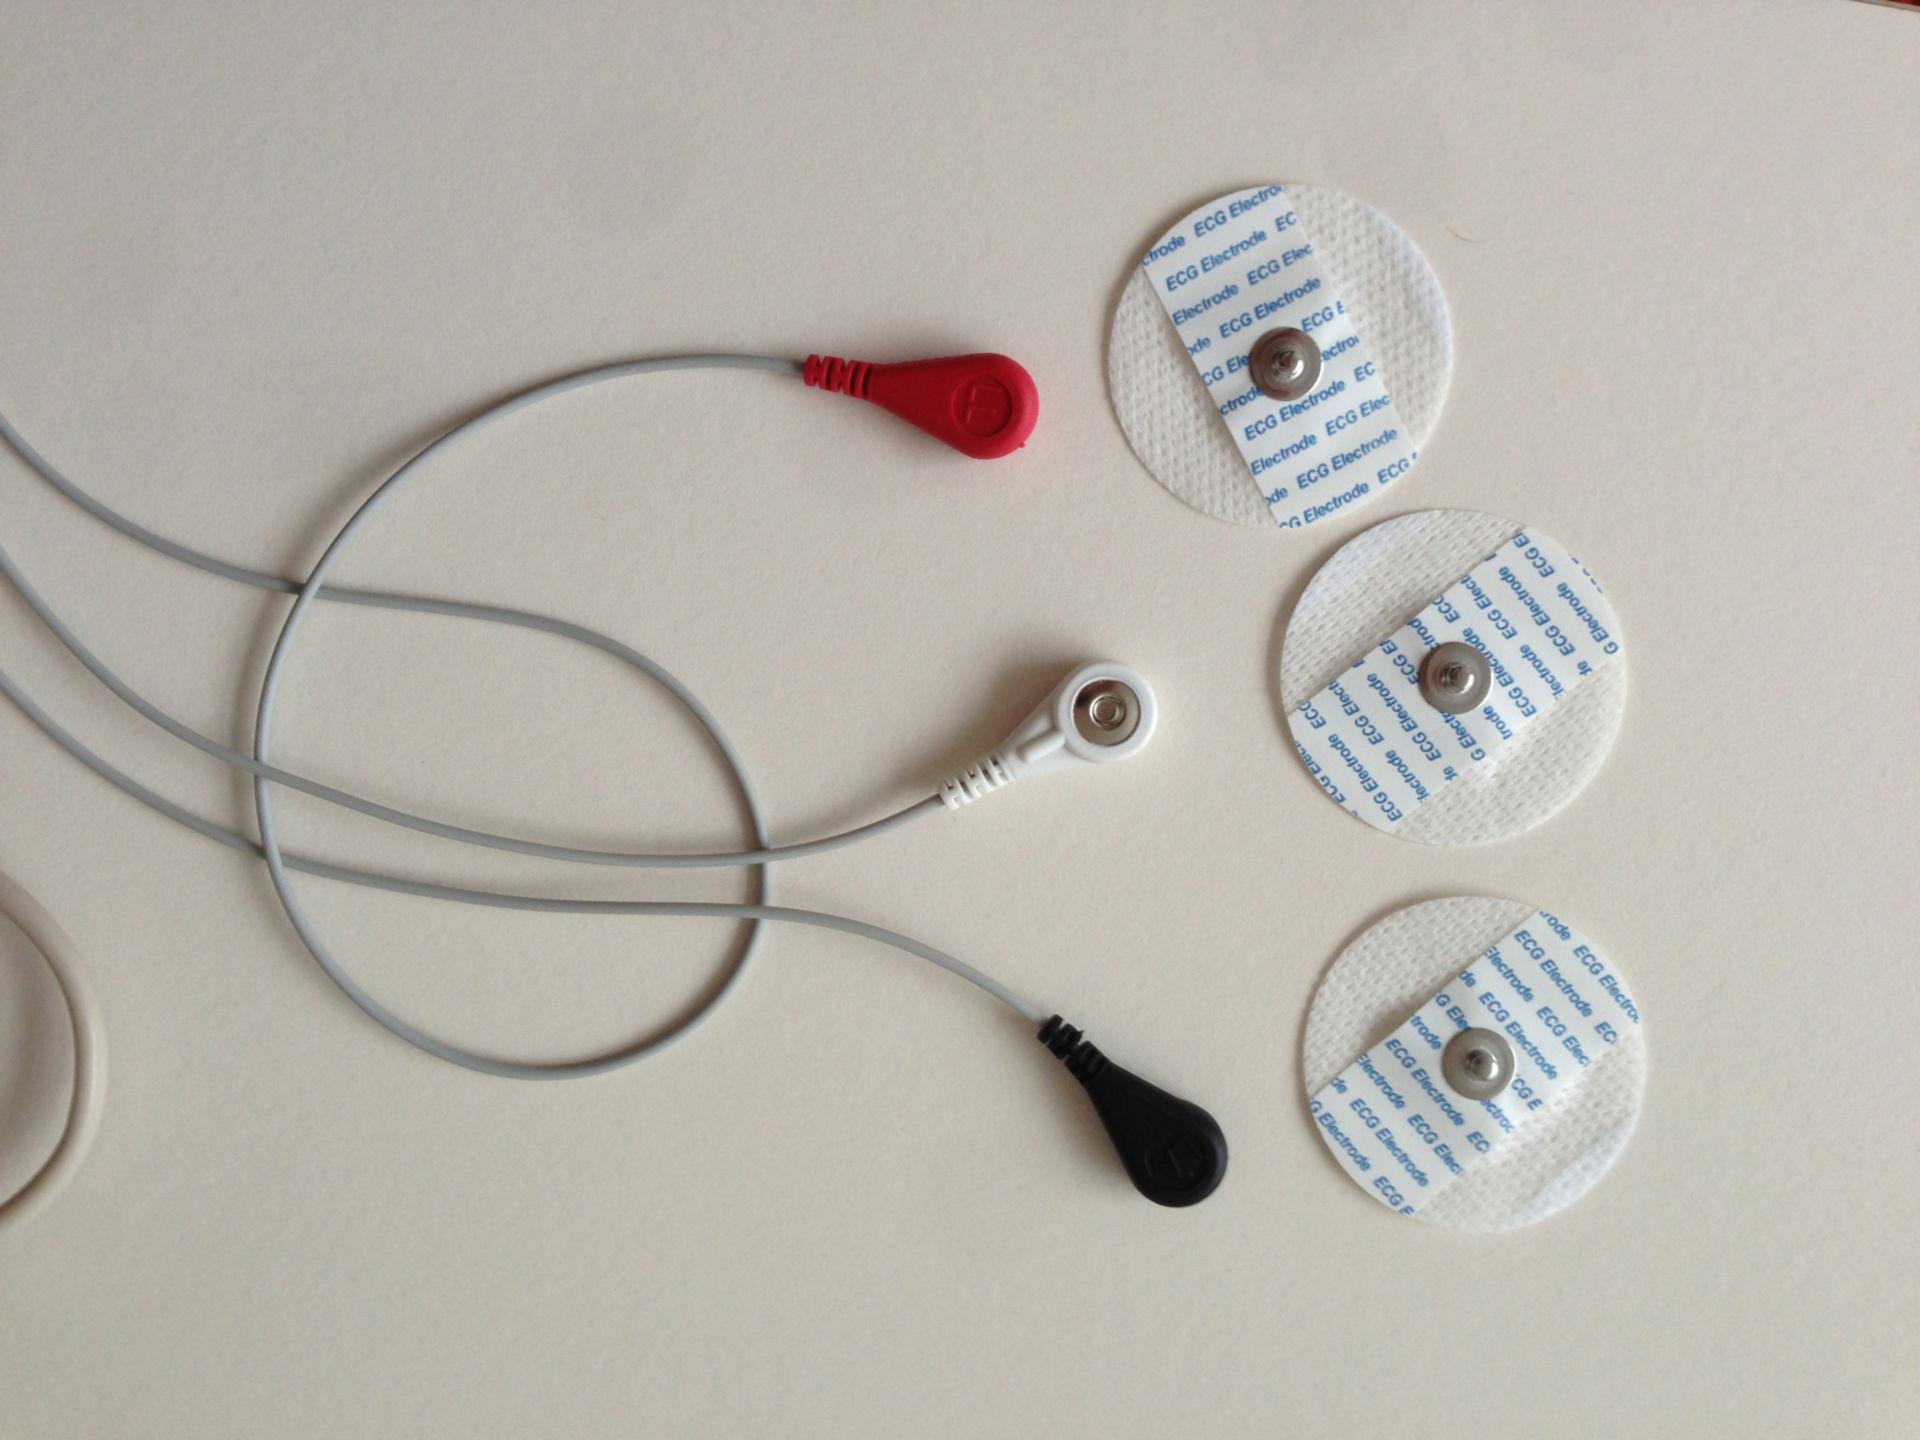 EKG-Elektroden